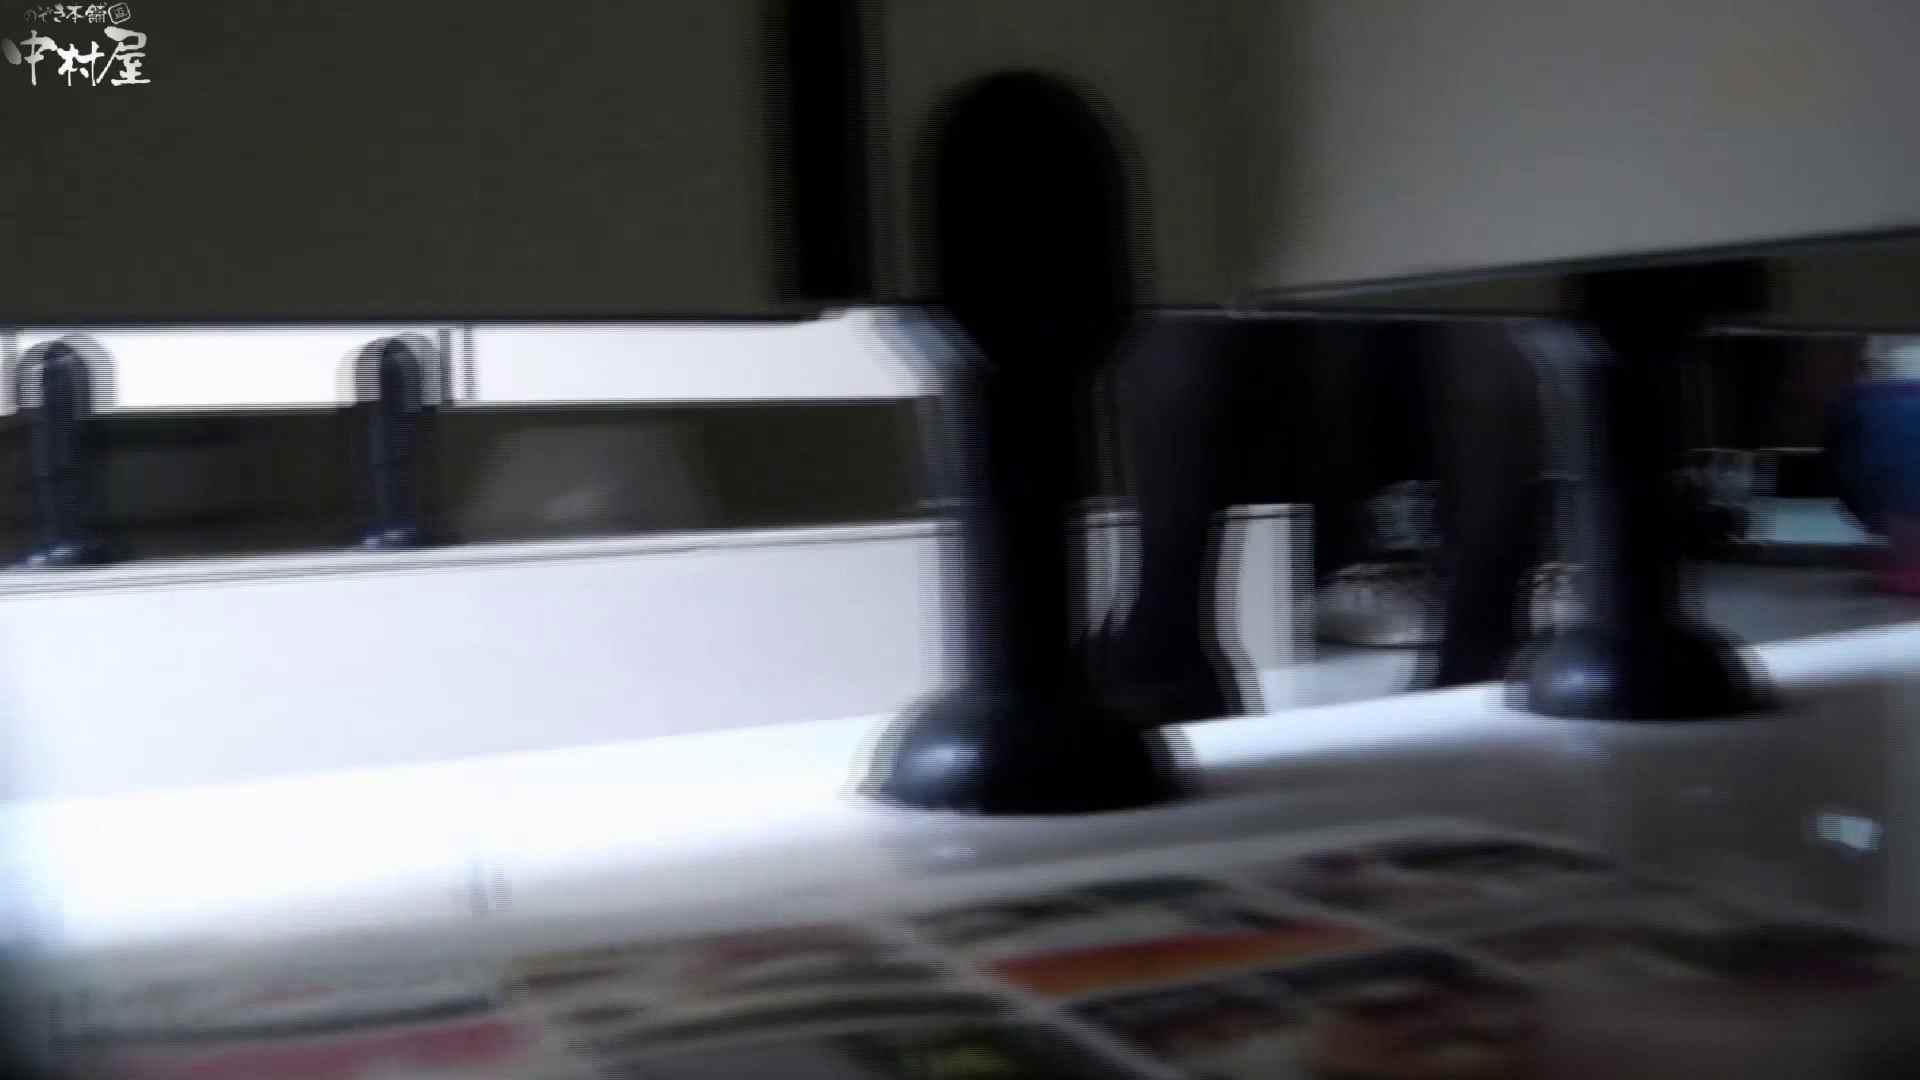 お市さんの「お尻丸出しジャンボリー」No.14 盗撮シリーズ すけべAV動画紹介 81PIX 58